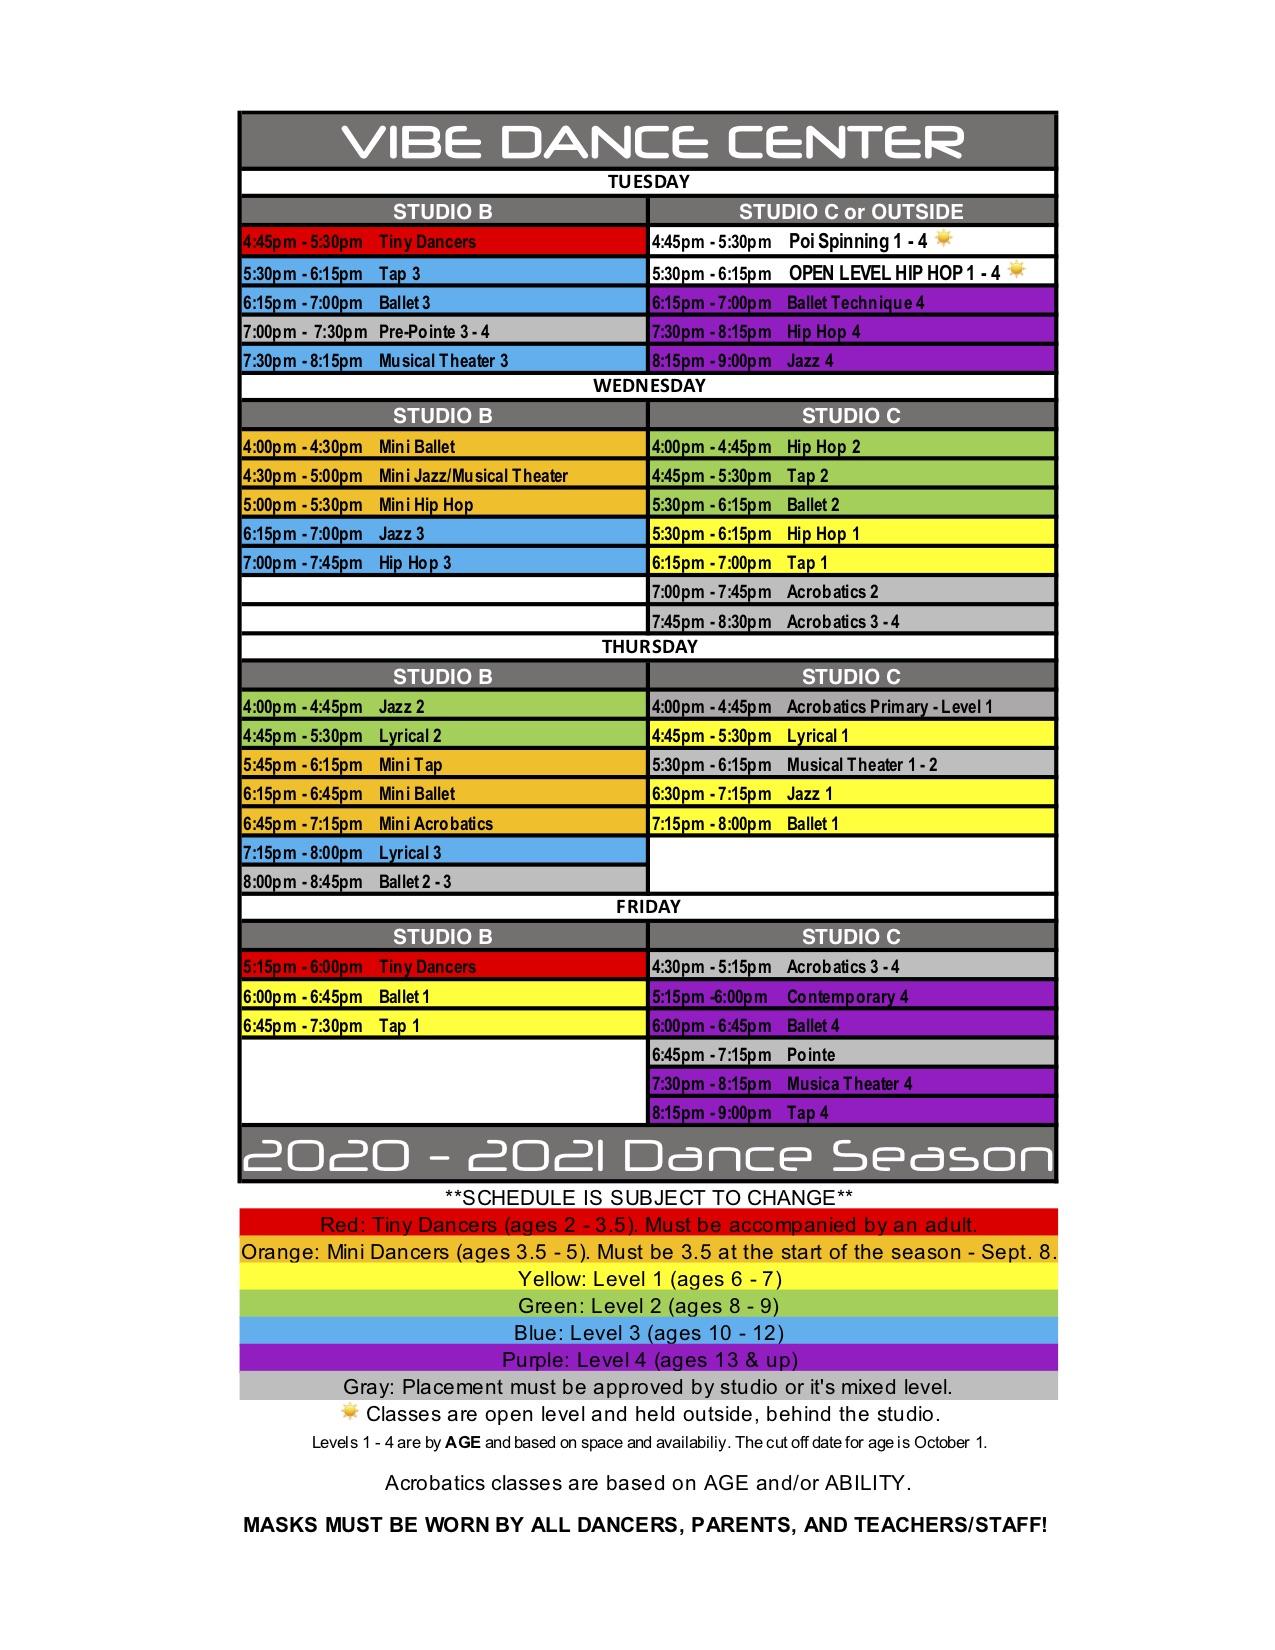 2020-2021 Schedule